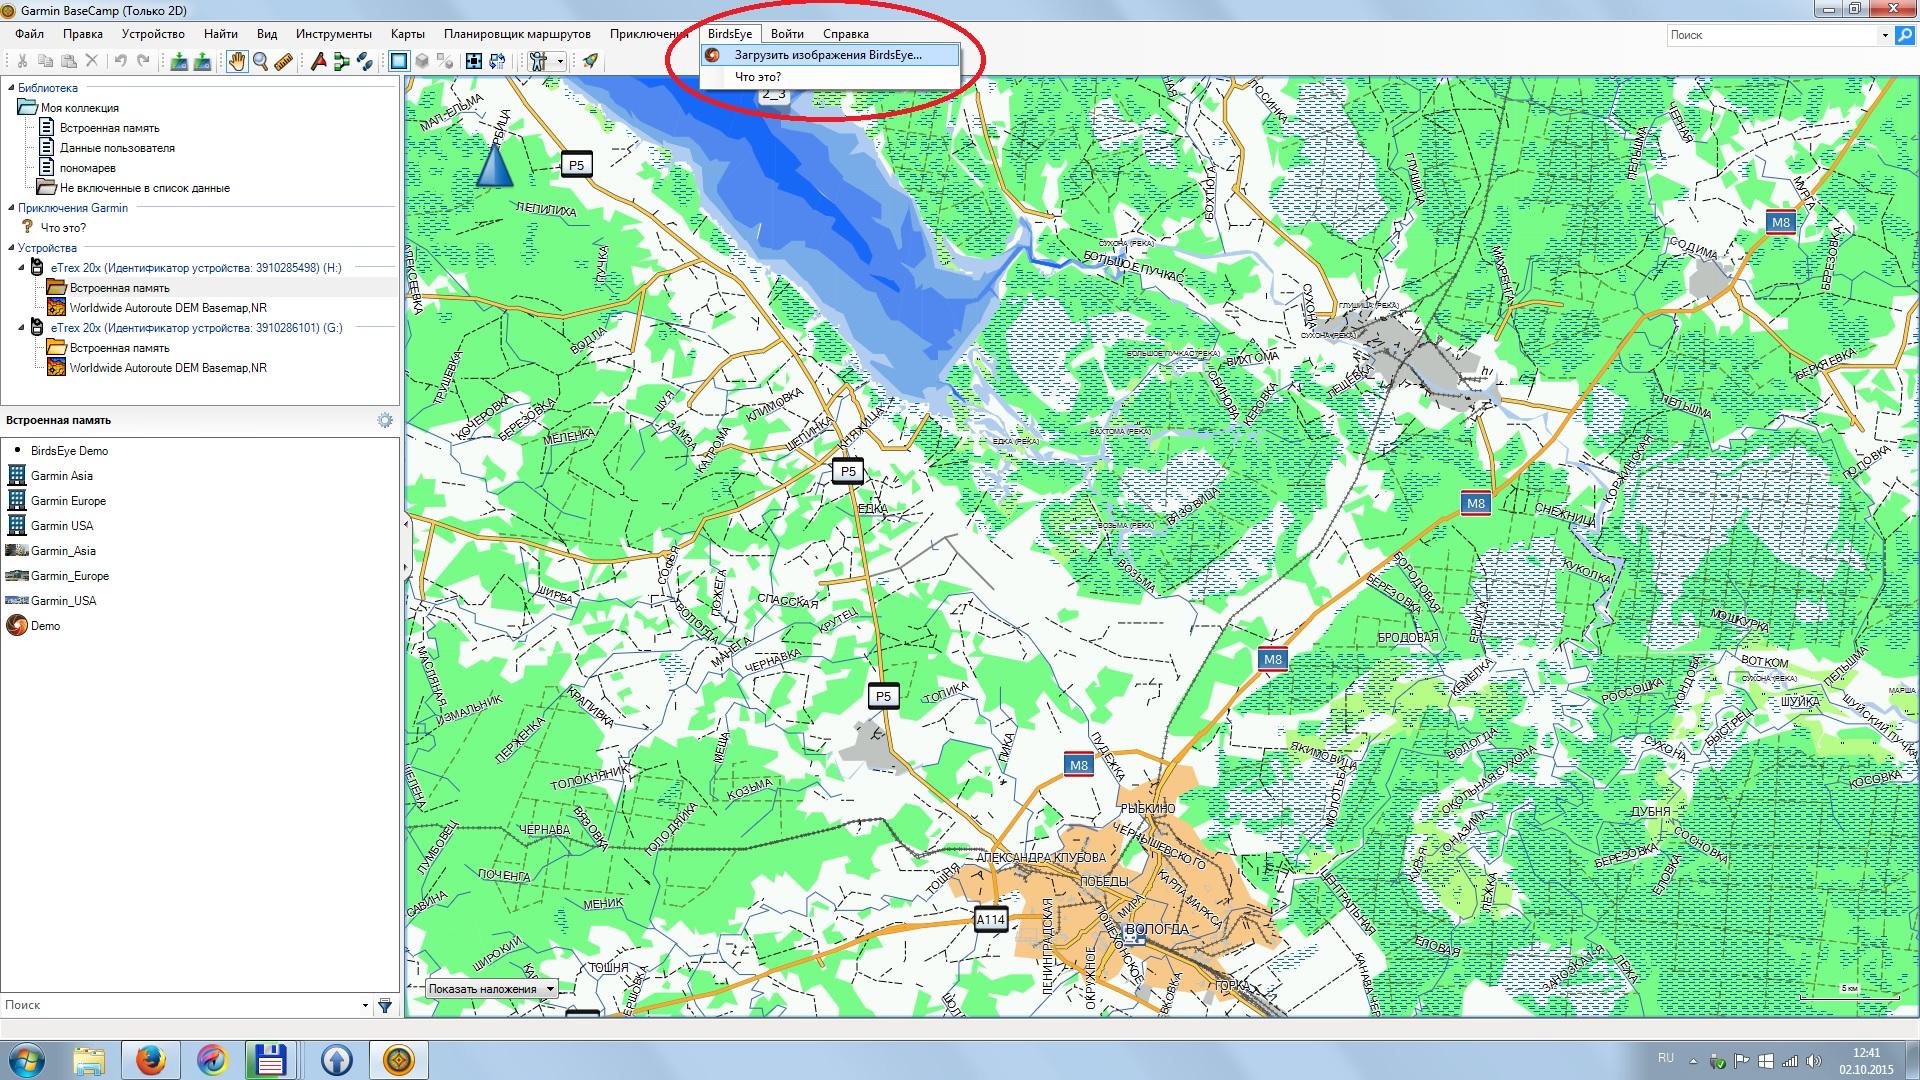 http://gps-vologda.ru/data/Forum/Berdseye/Berdseye1.jpg